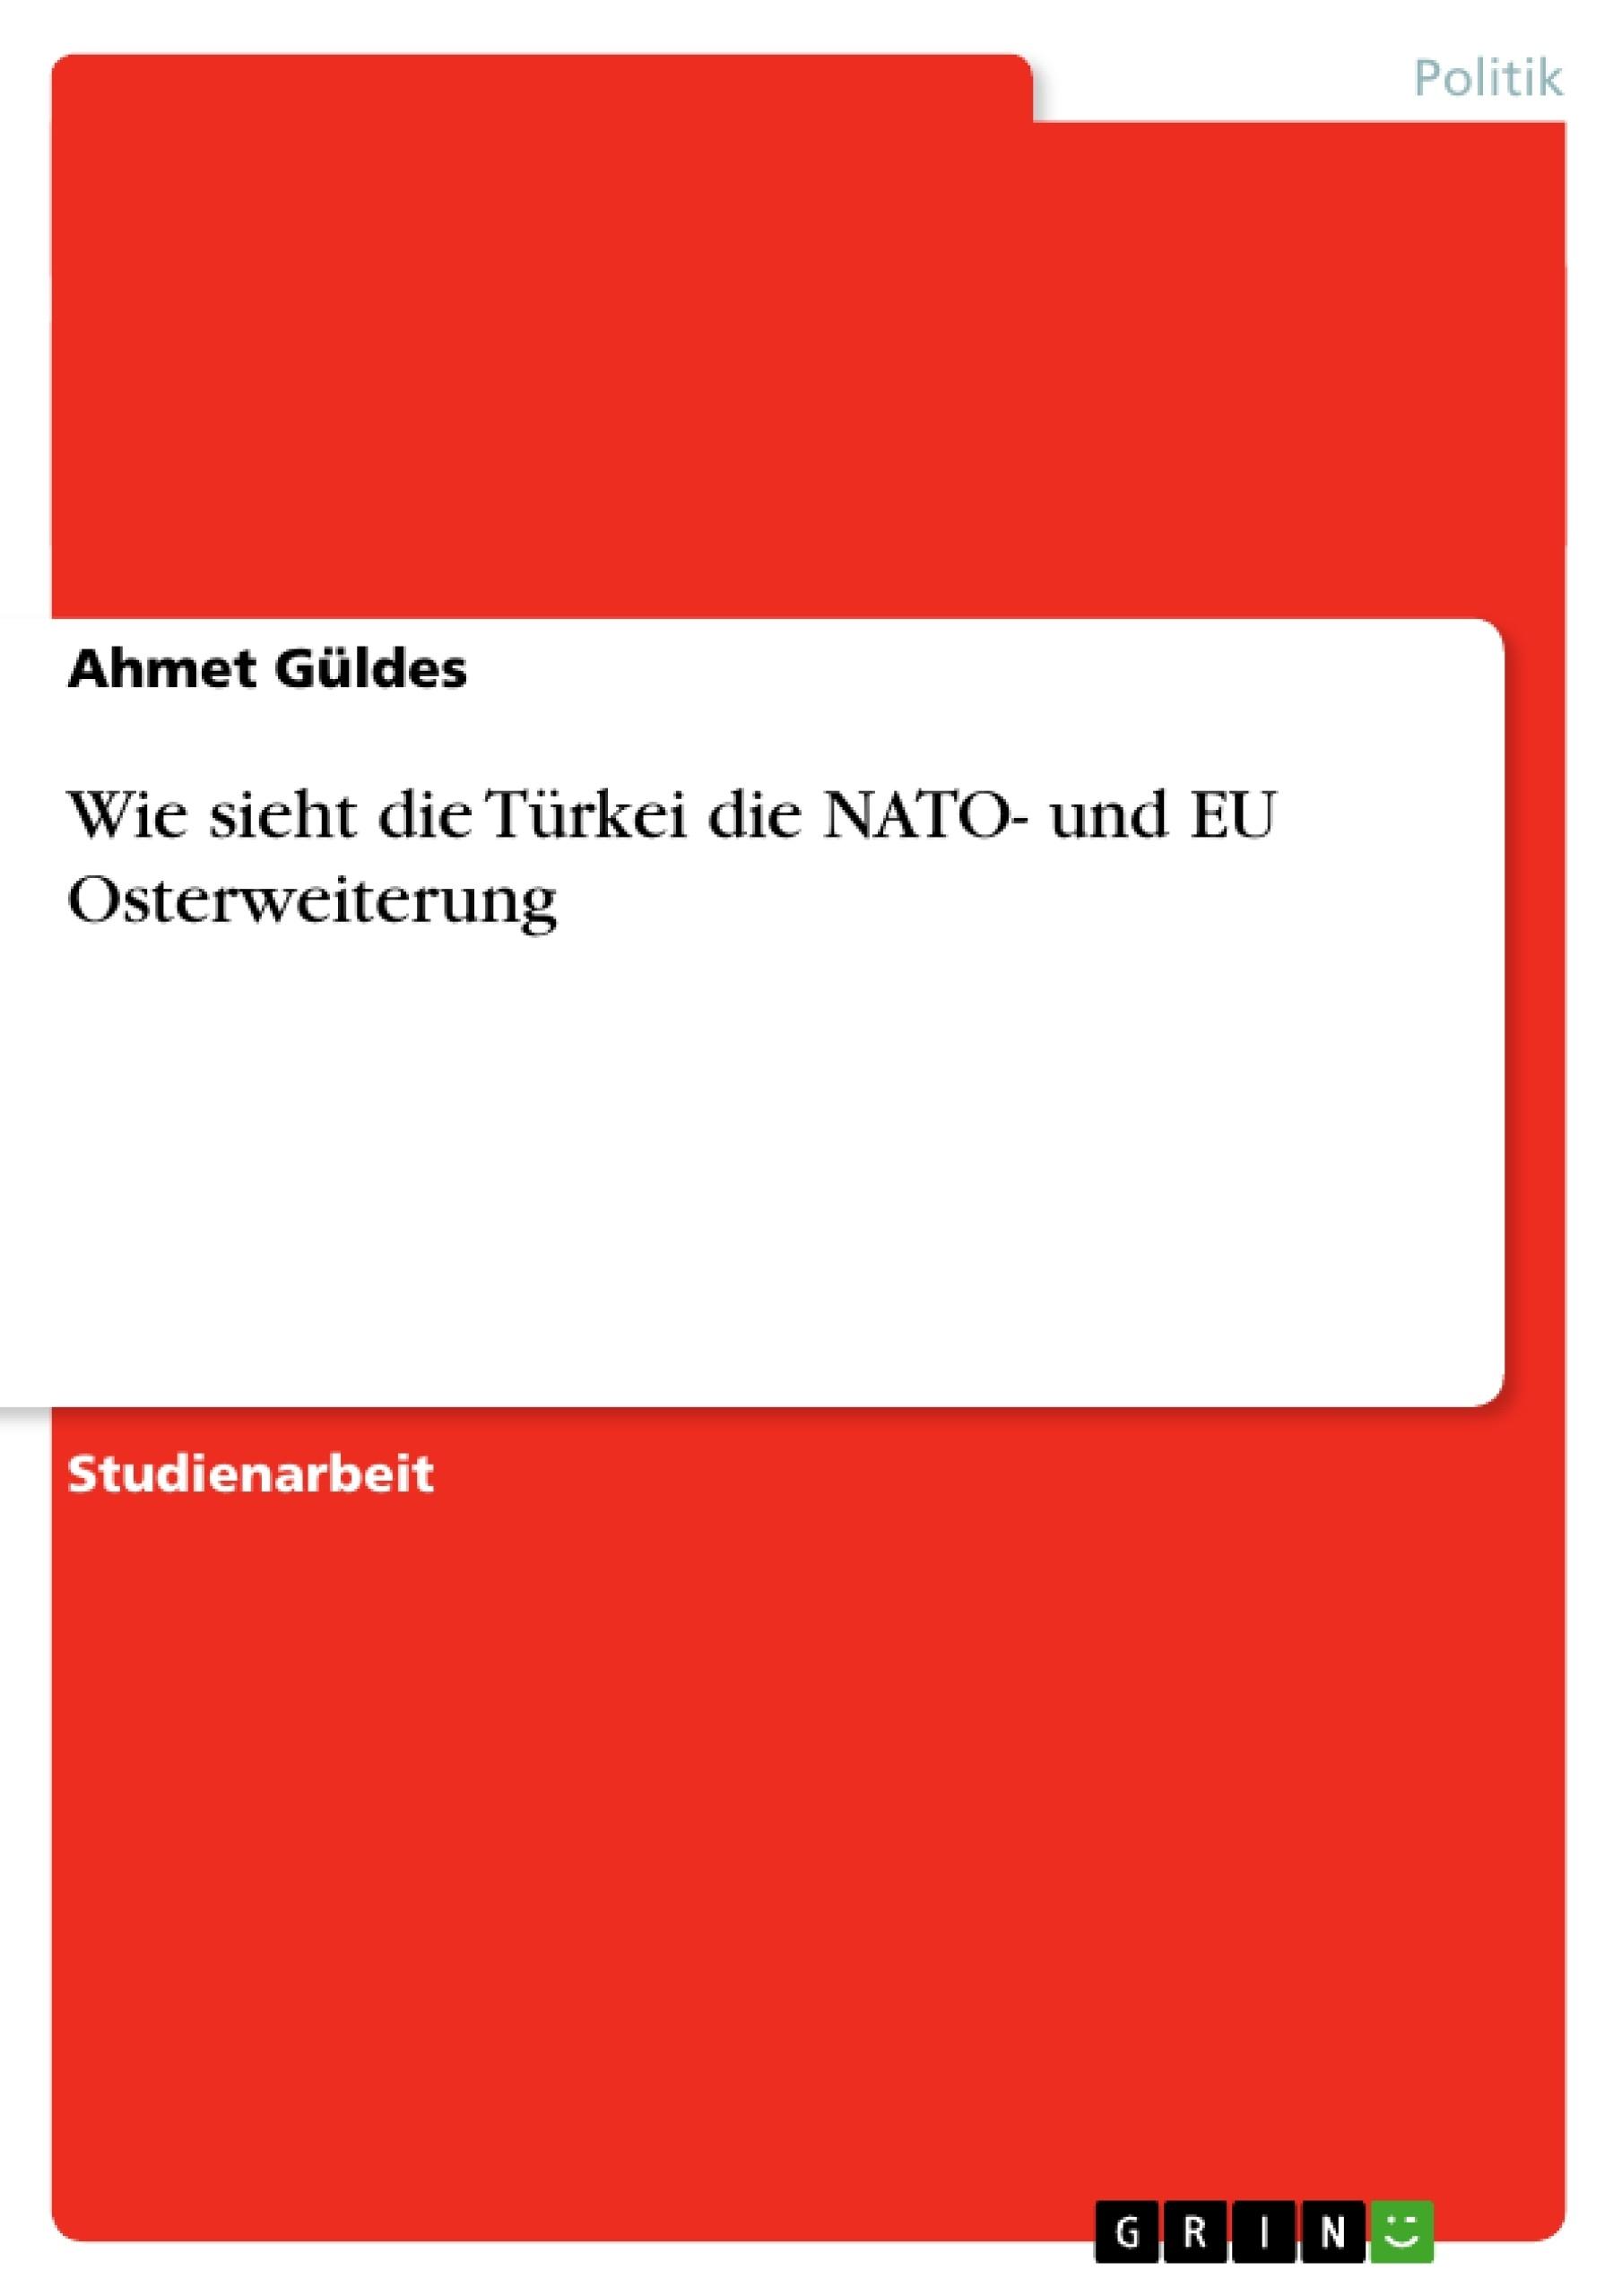 Titel: Wie sieht die Türkei die NATO- und EU Osterweiterung